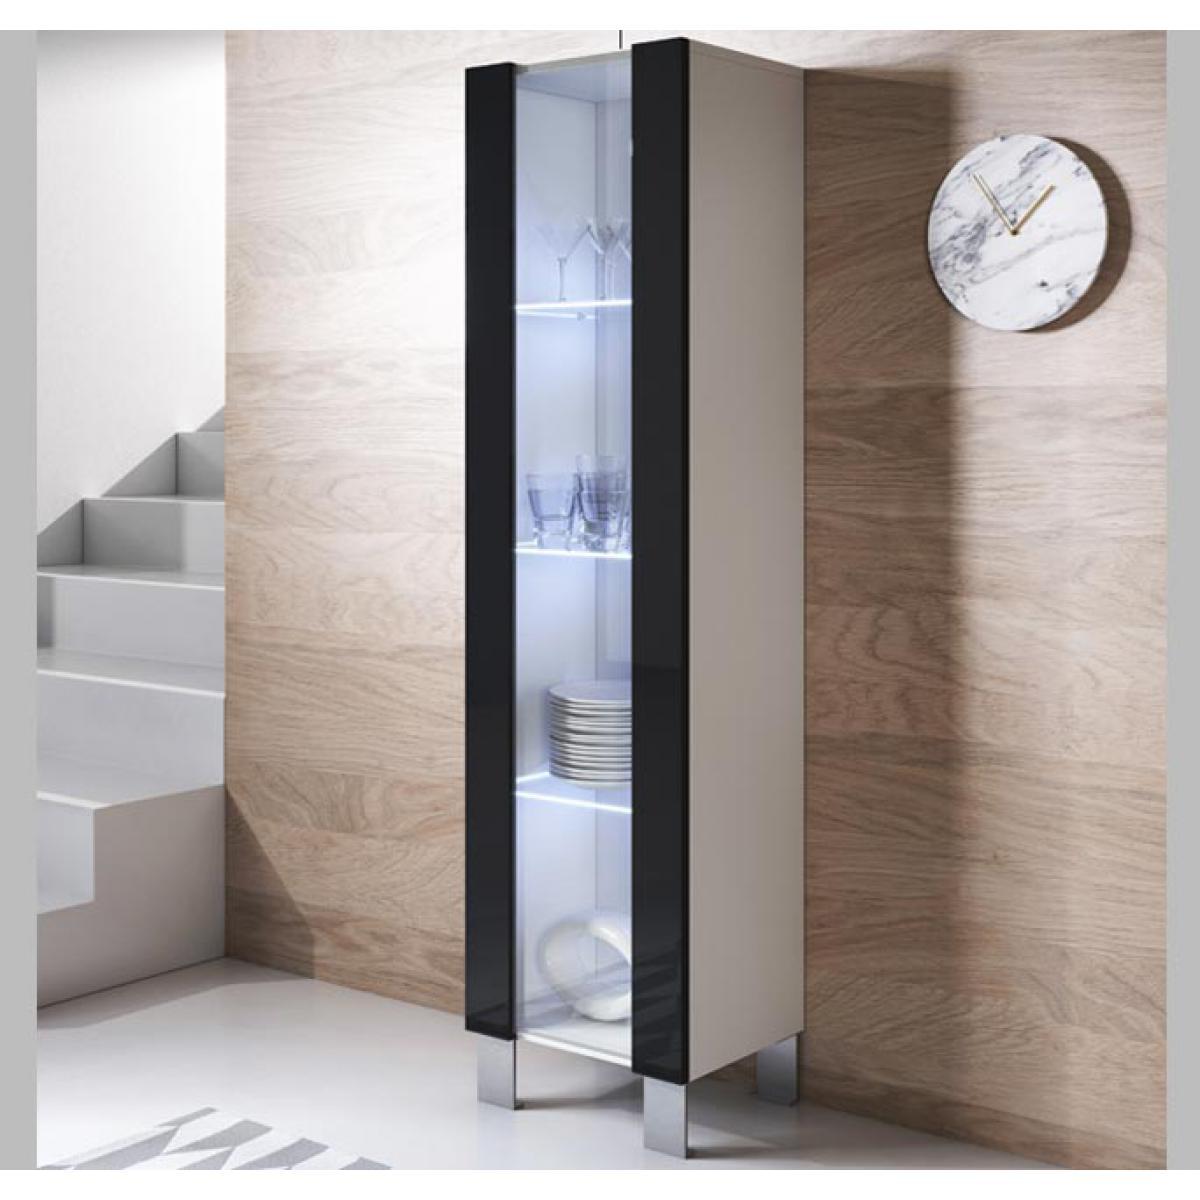 Design Ameublement Vitrine modèle Luke V5 (40x177cm) couleur blanc et noir avec pieds en aluminium